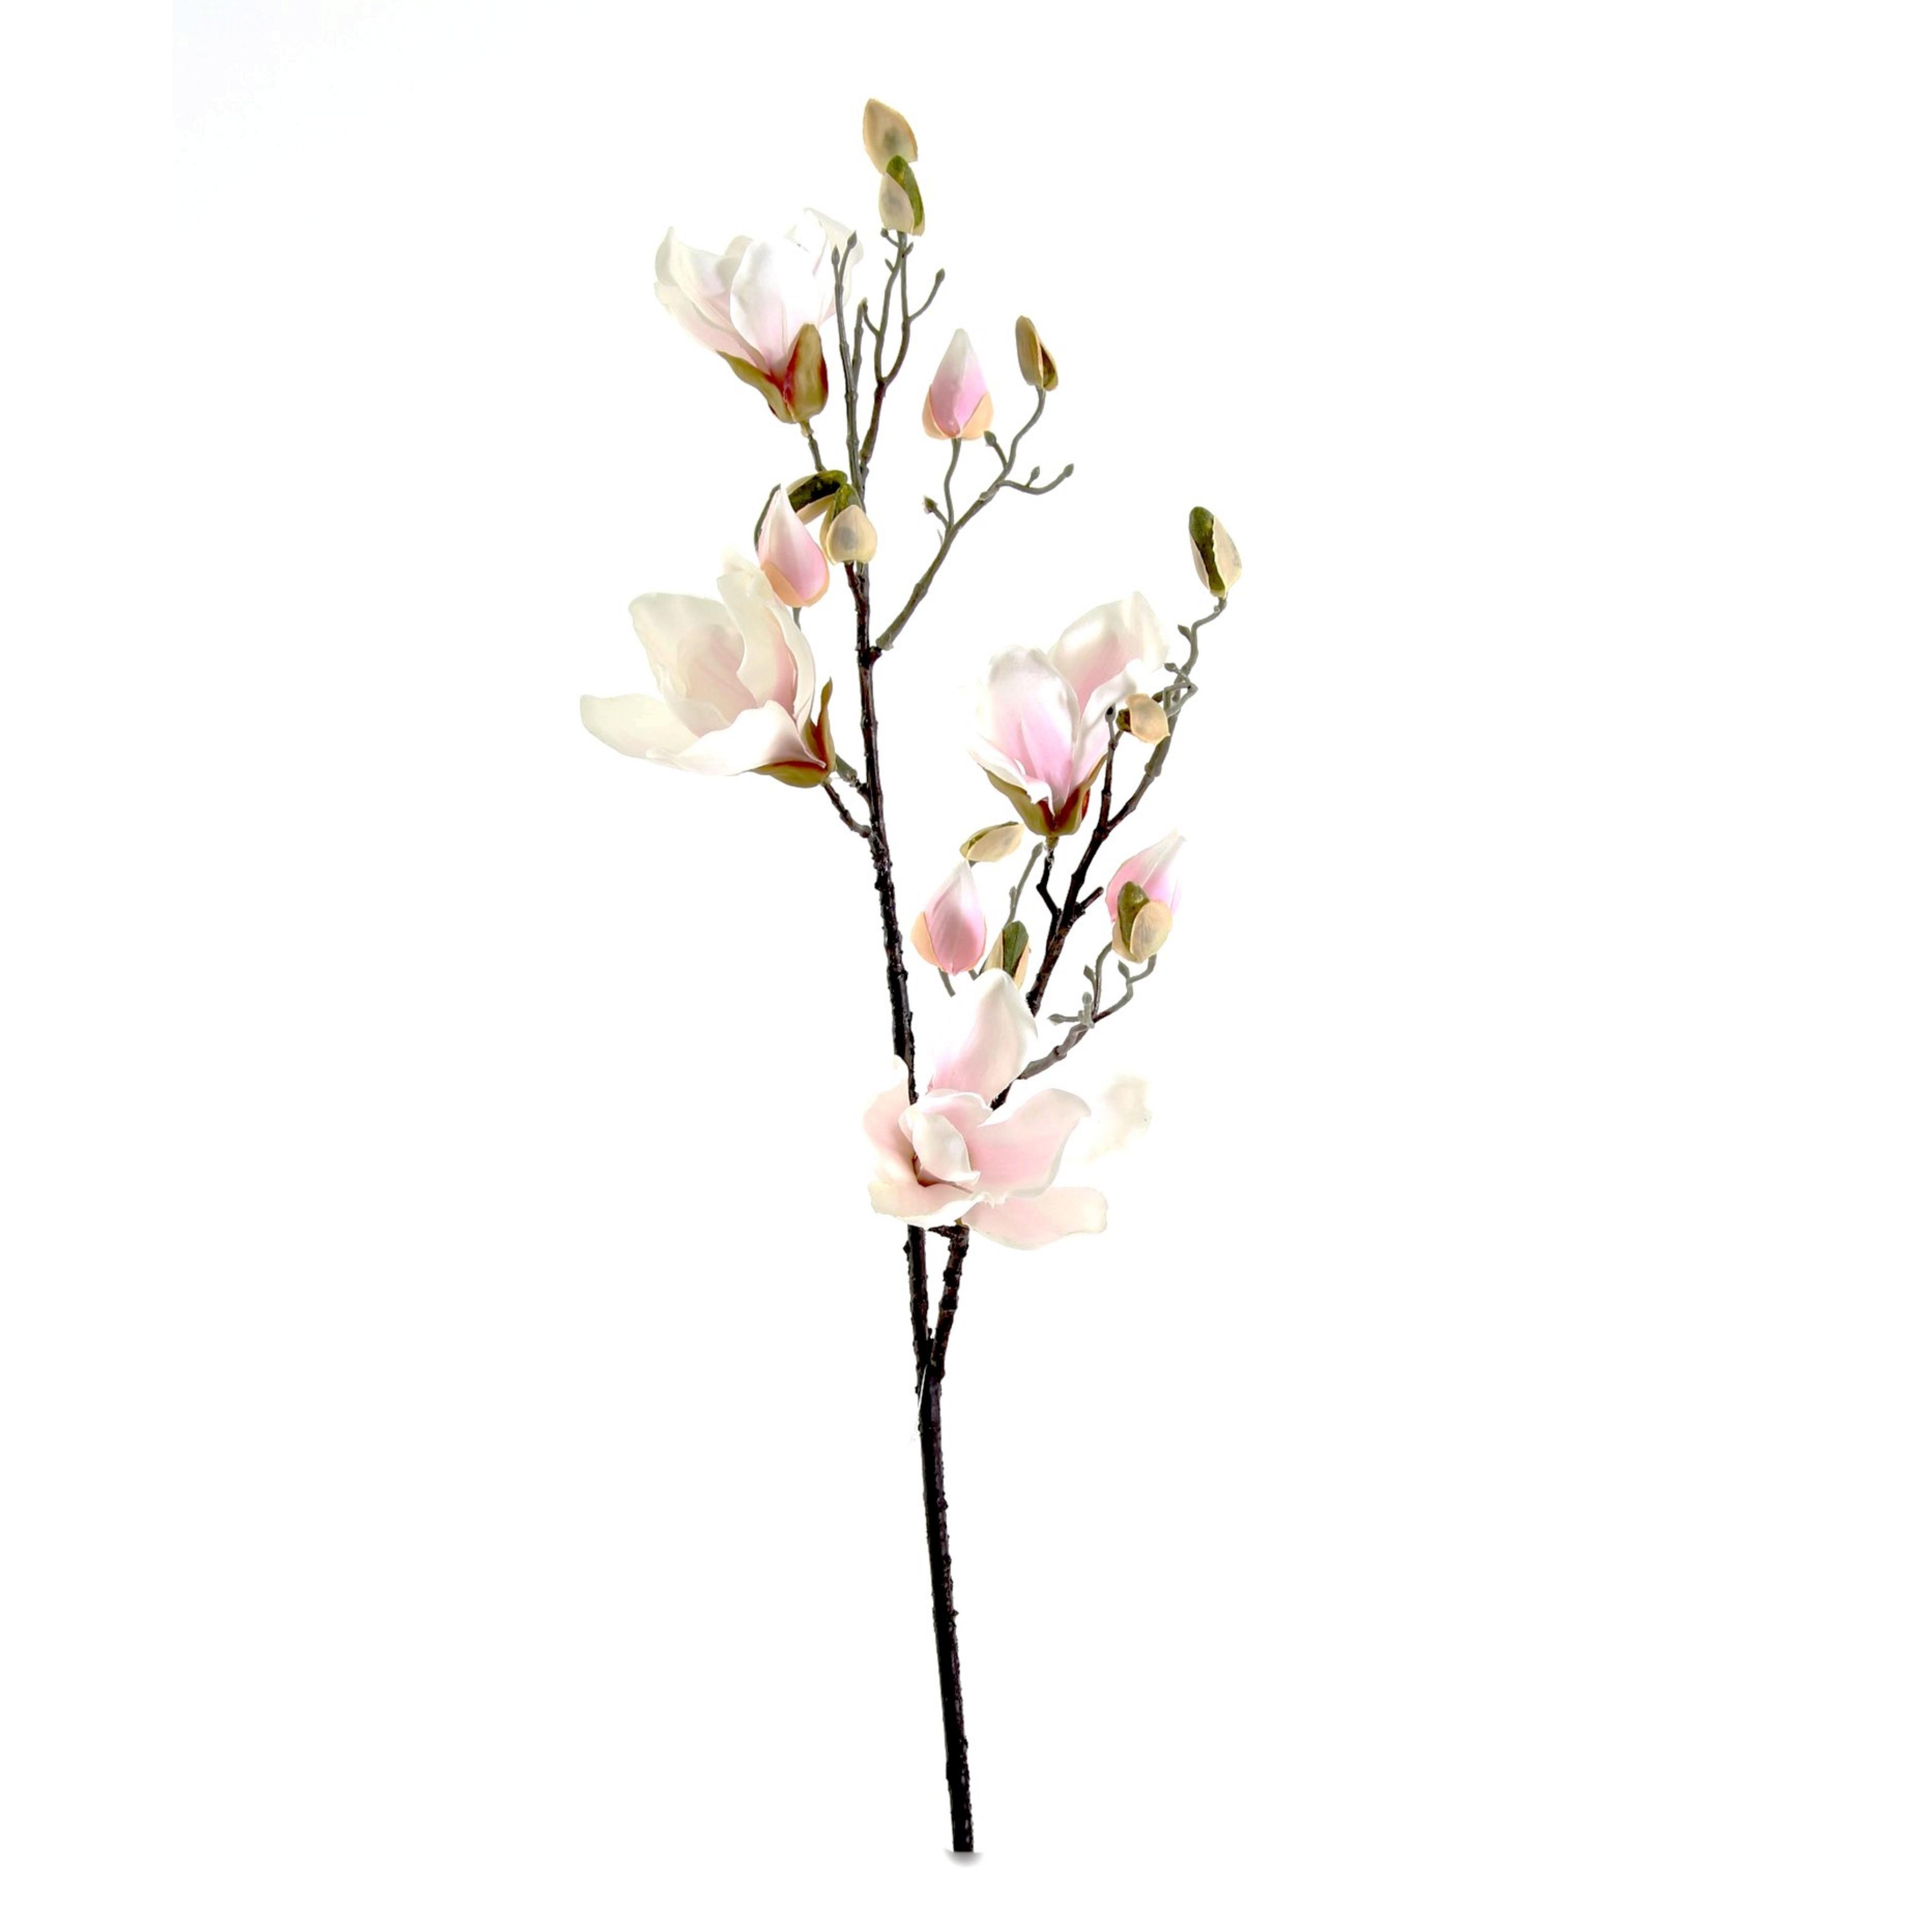 Verrassend Magnolia Wit - Roze 90 cm (met afbeeldingen) | Zijden bloemen BZ-18